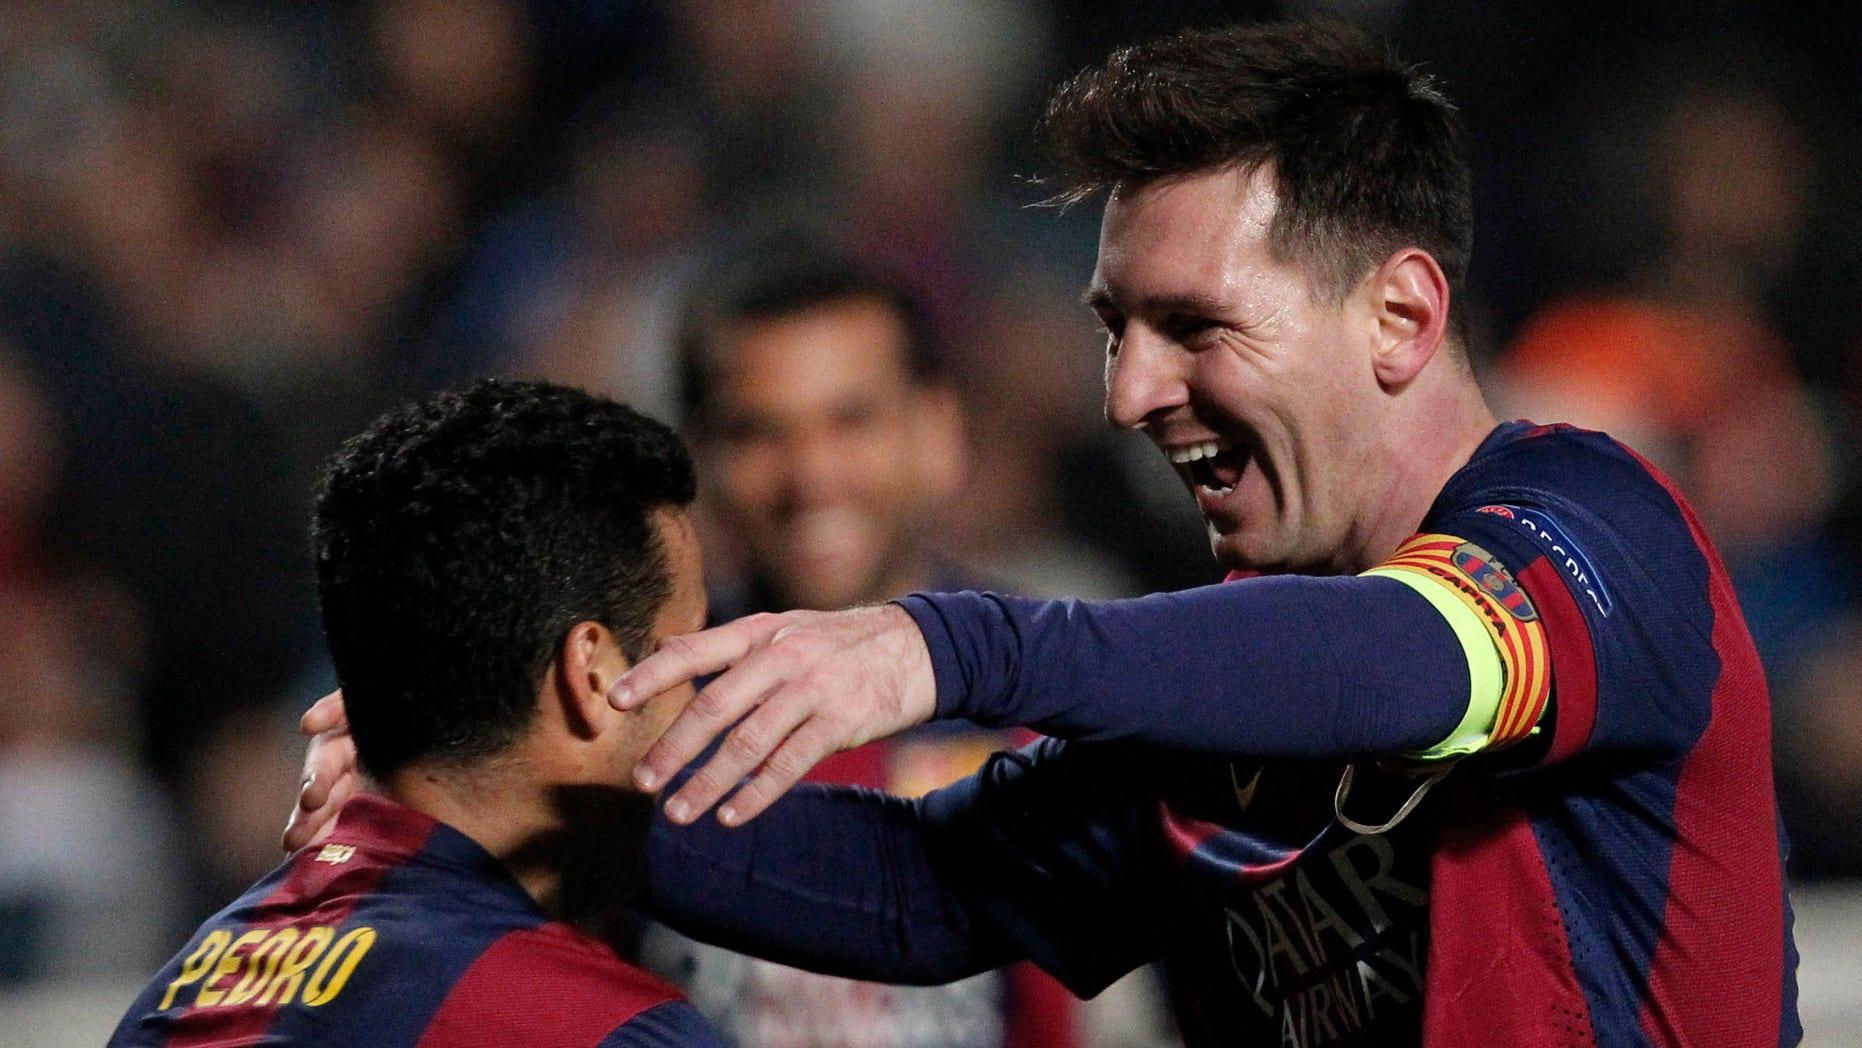 Messi celebrates with teammates scoring his side's 4th goal in Nicosia, Cyprus, Tuesday, Nov. 25, 2014.